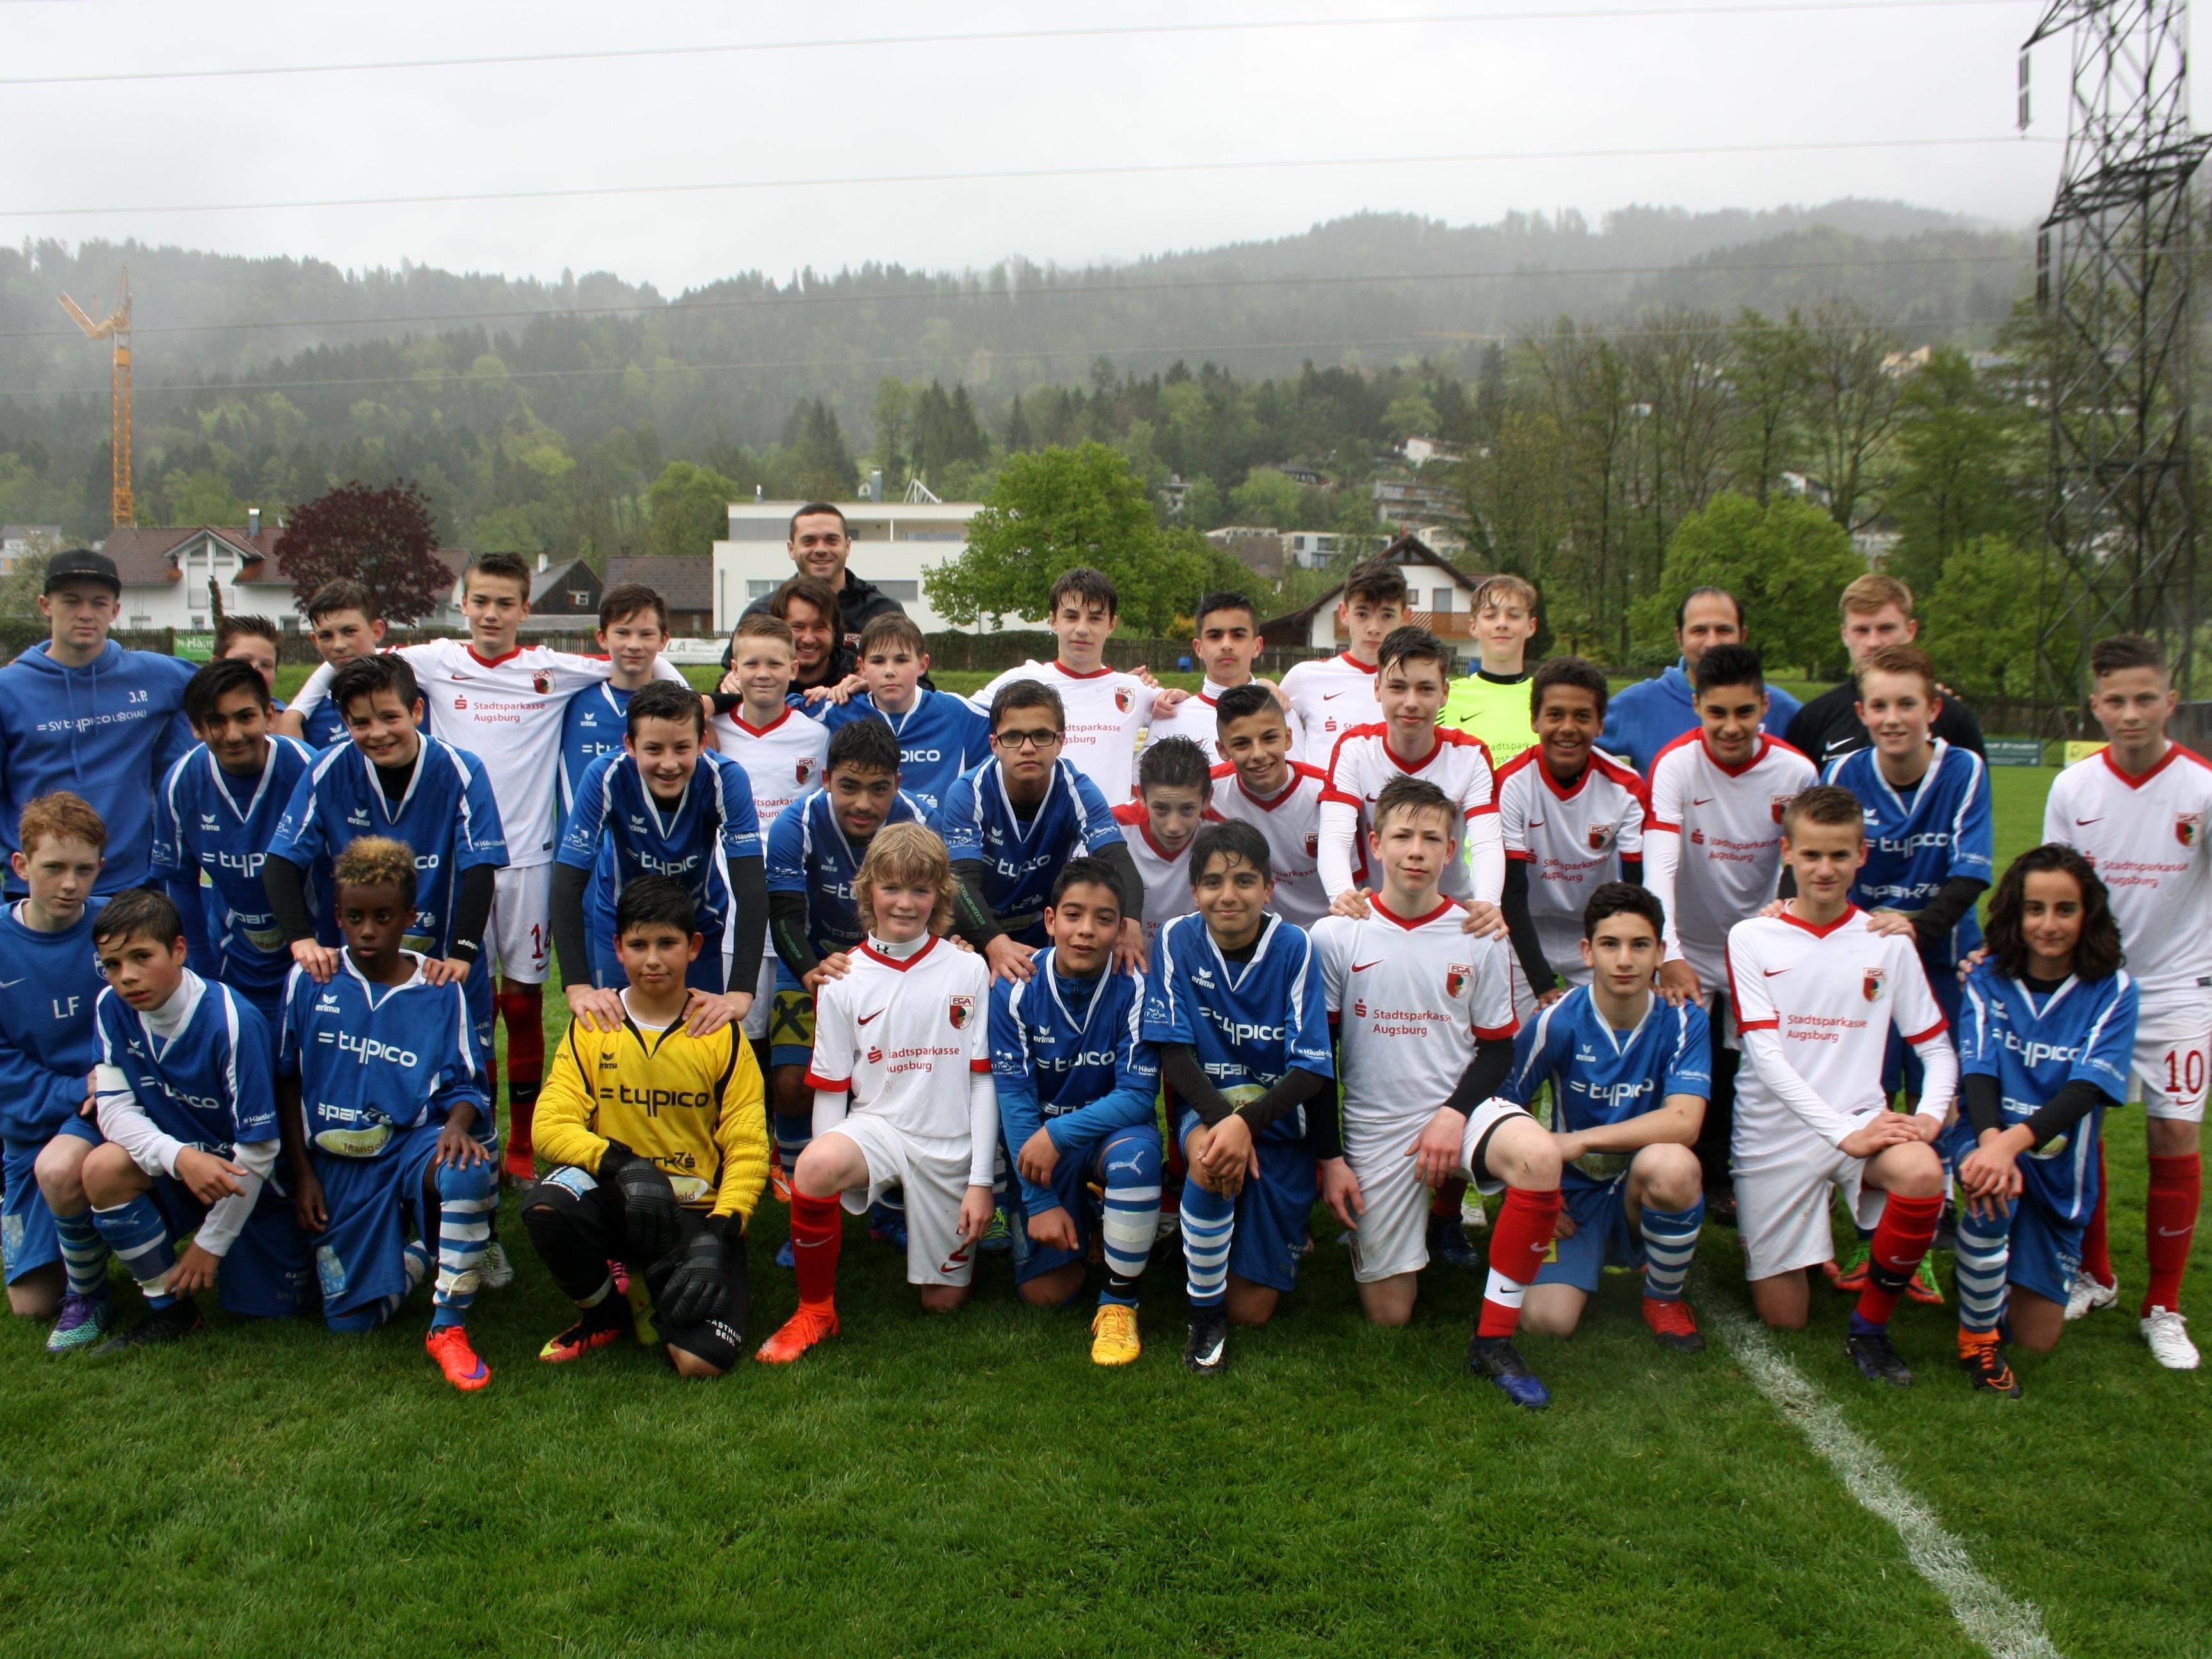 Die SPG Leiblachtal mit Spielern aus Lochau, Hörbranz und Hohenweiler zusammen mit dem Topteam aus Augsburg beim ersten U 14 Blitzturnier im Stadion Hoferfeld in Lochau.